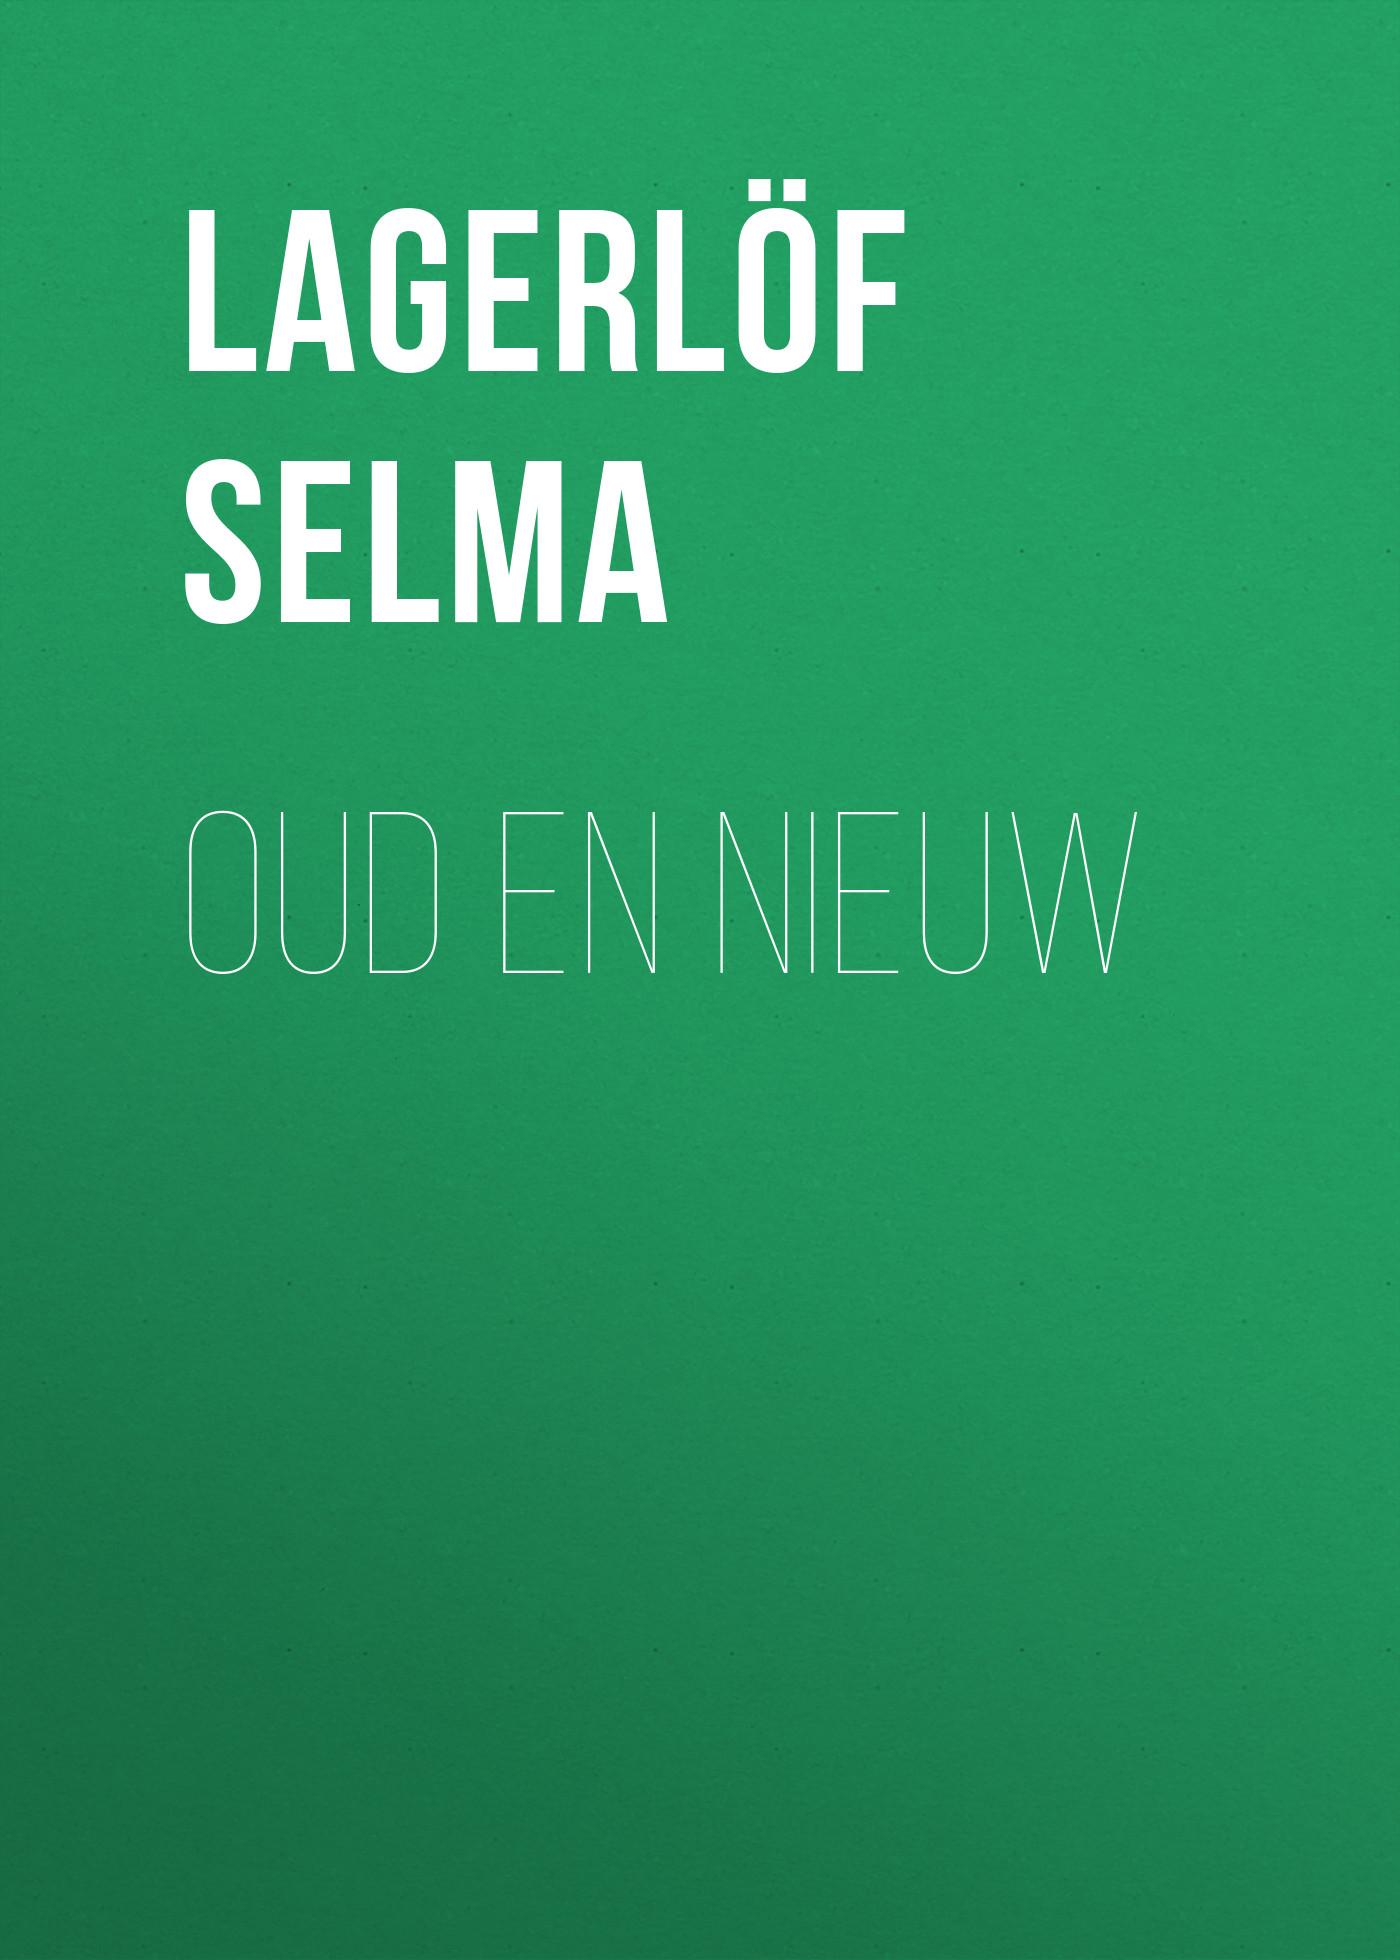 Lagerlöf Selma Oud en nieuw цена